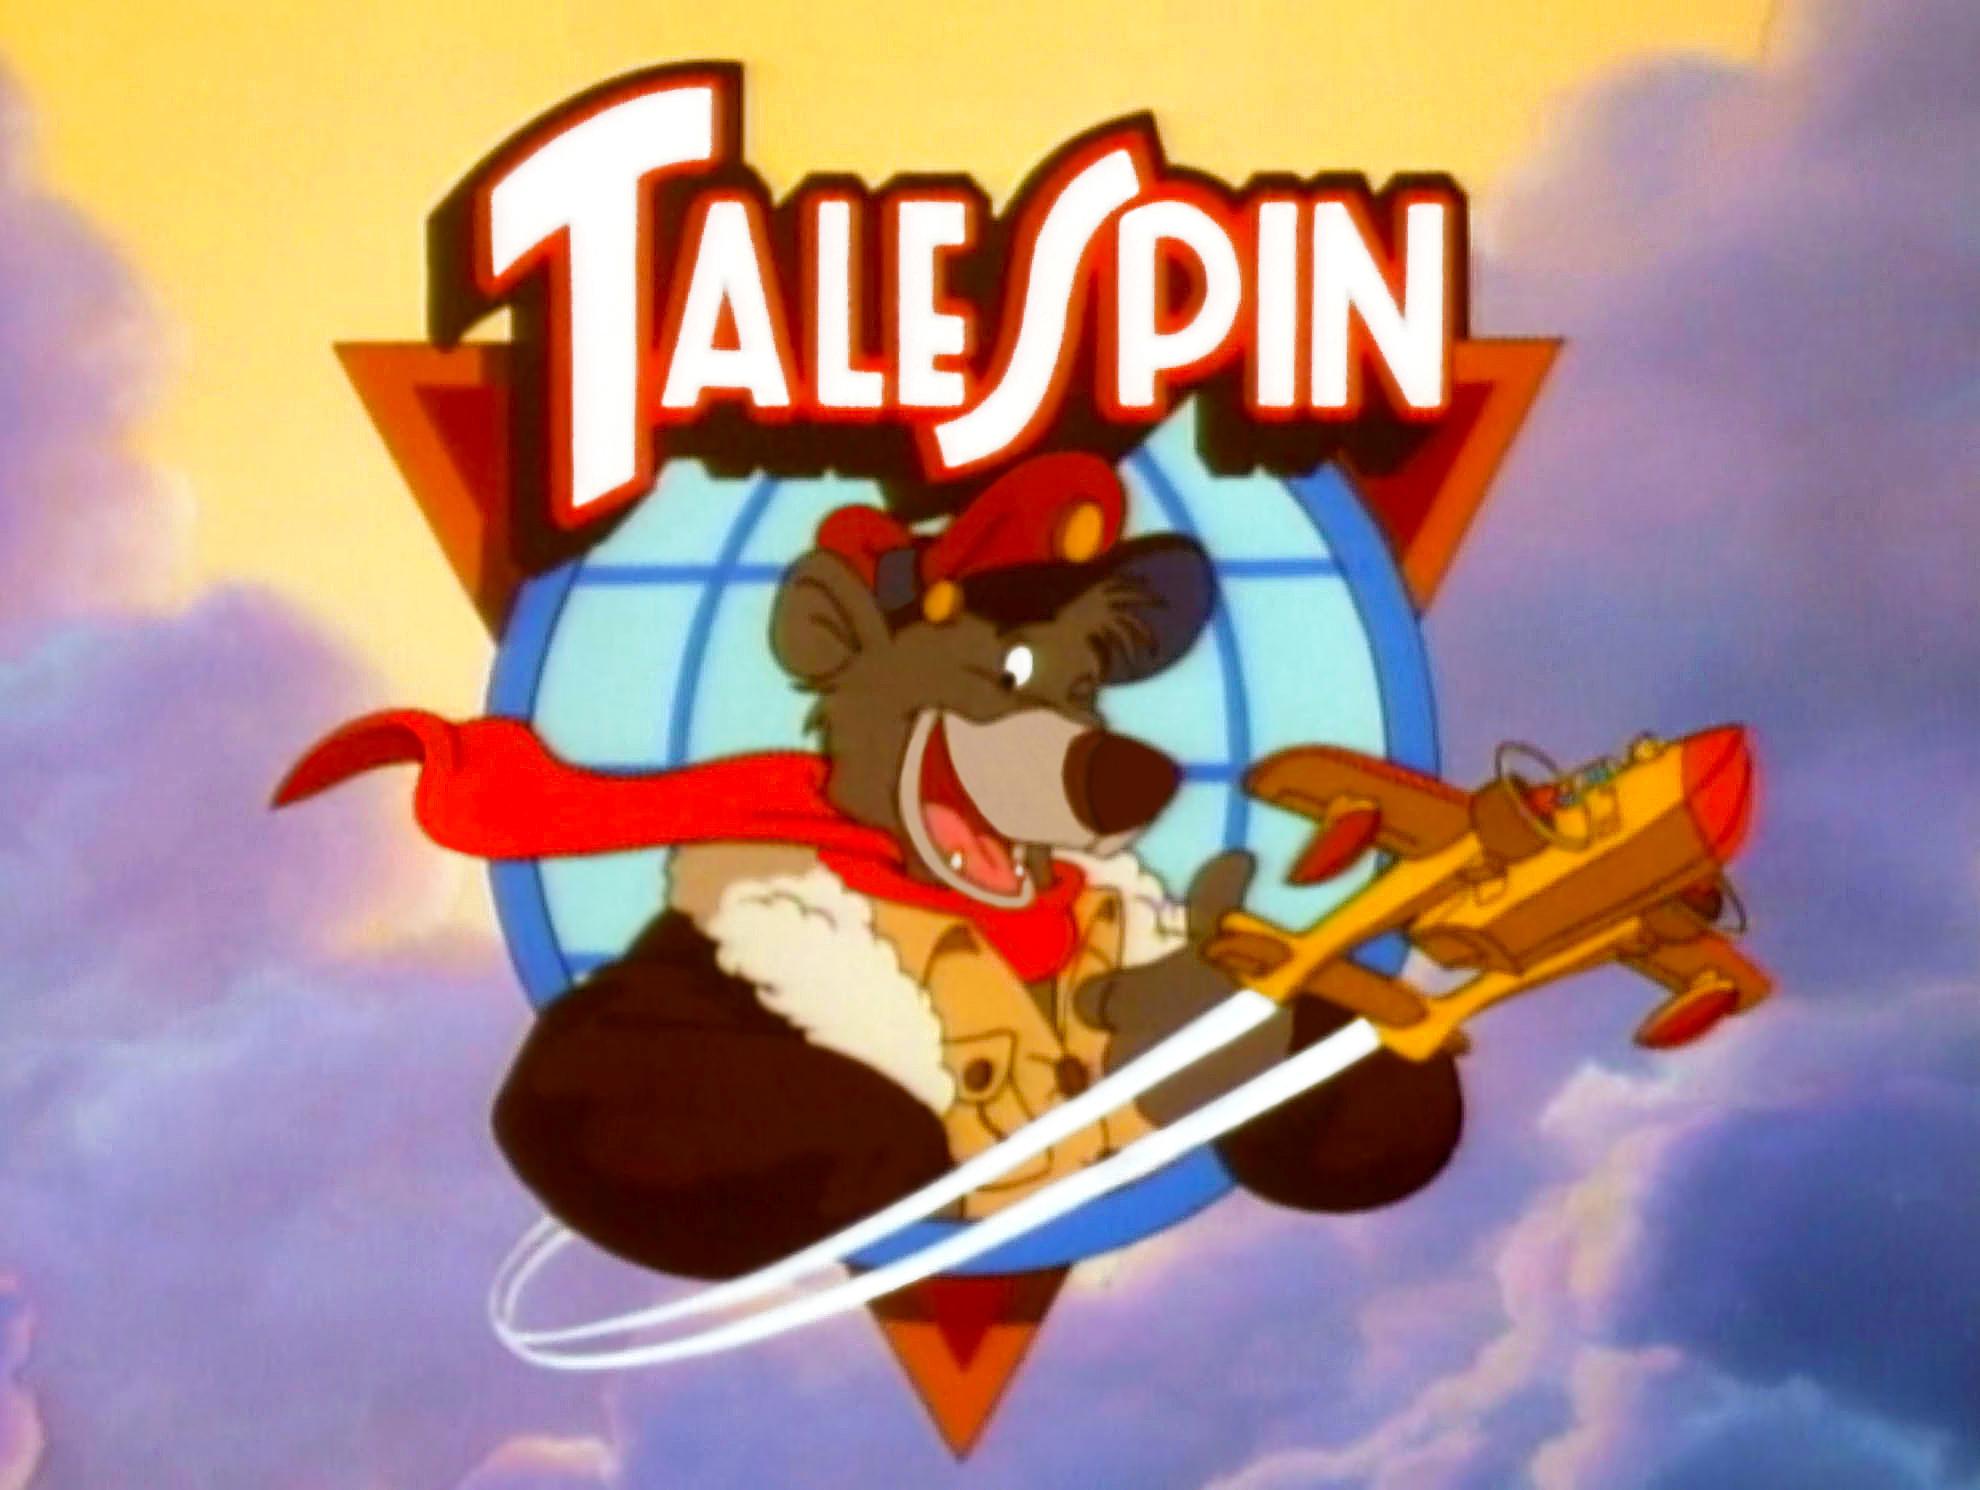 File:Talespin.jpg